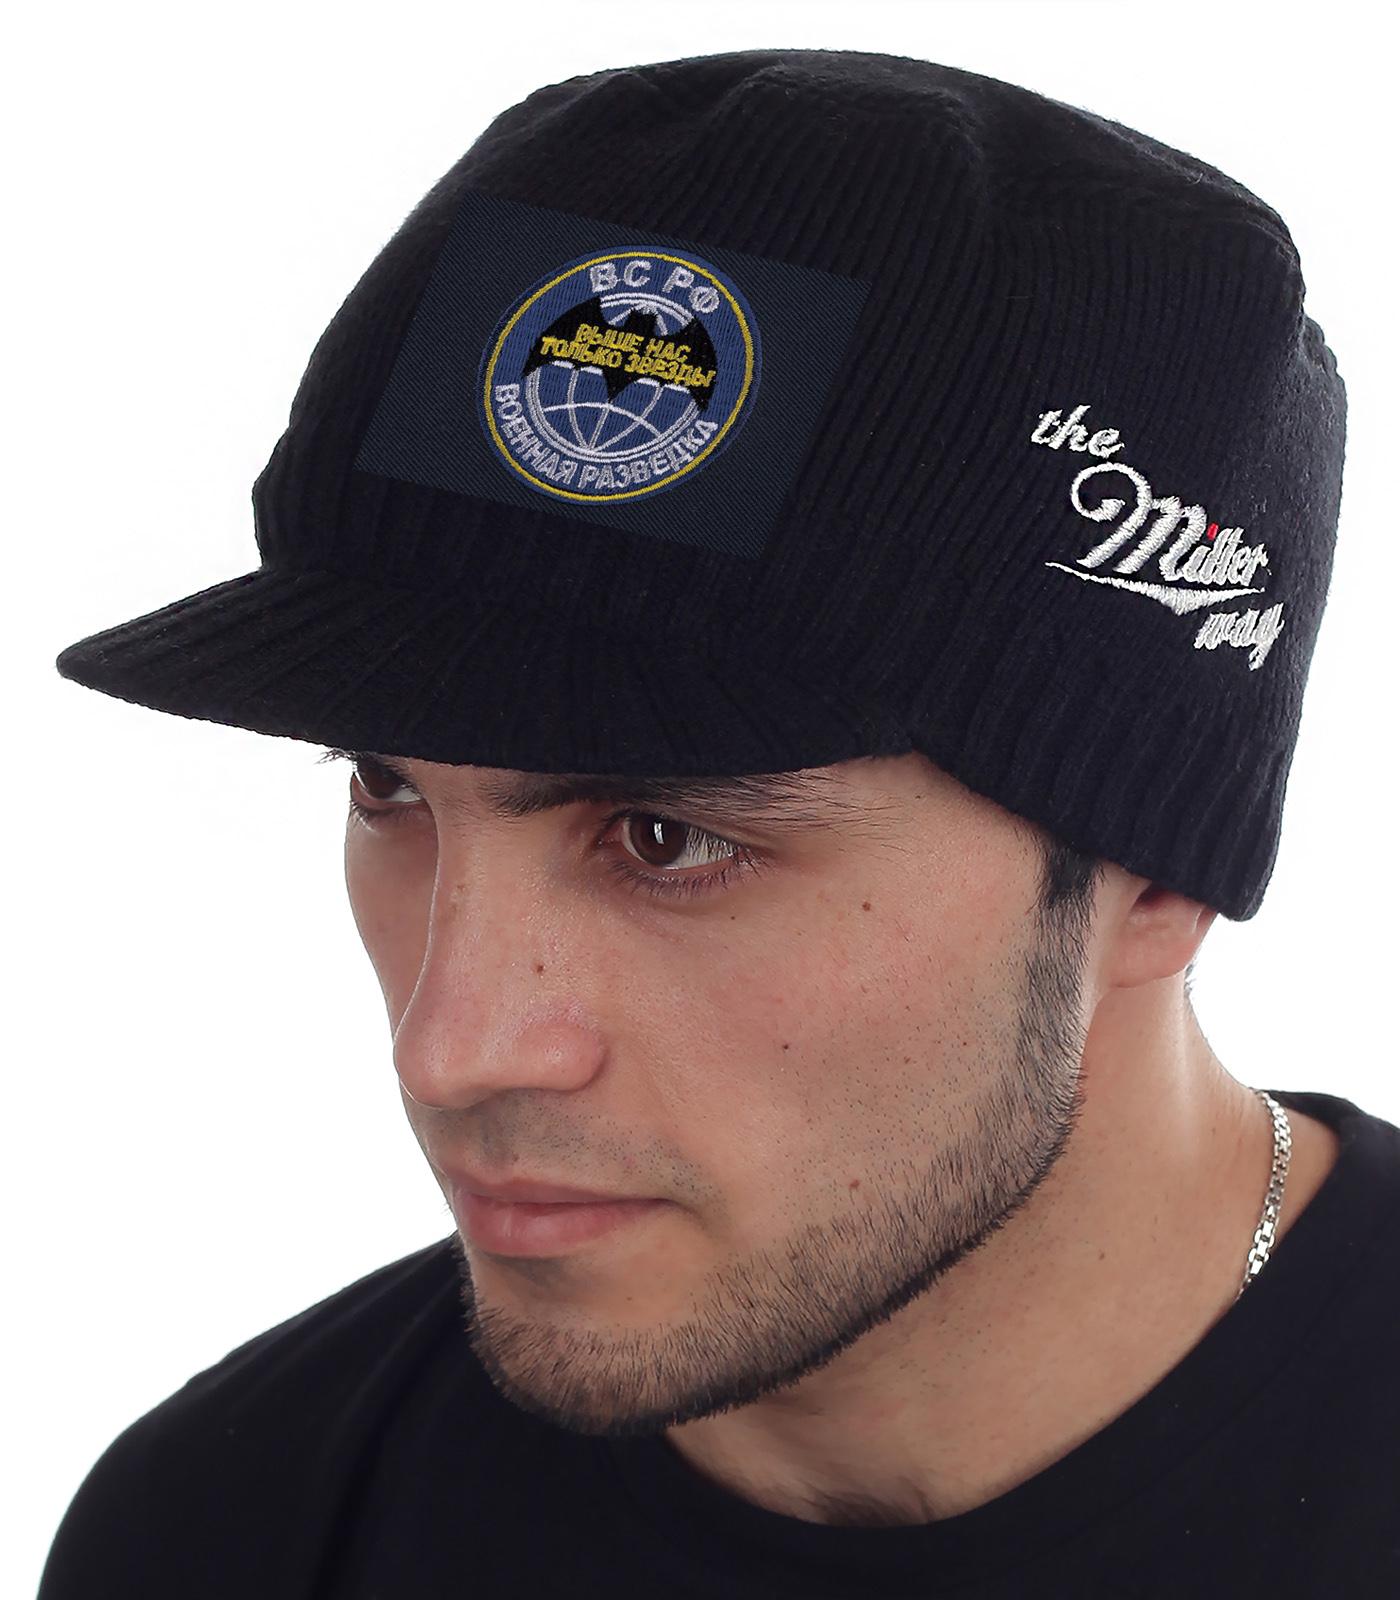 Мужская шапка Miller Way с козырьком. Коллекция ВС РФ – Военная разведка «Выше нас только звезды». Теплая осенне-зимняя кепка гармонирует с любым гардеробом. Отличный подарок разведчику